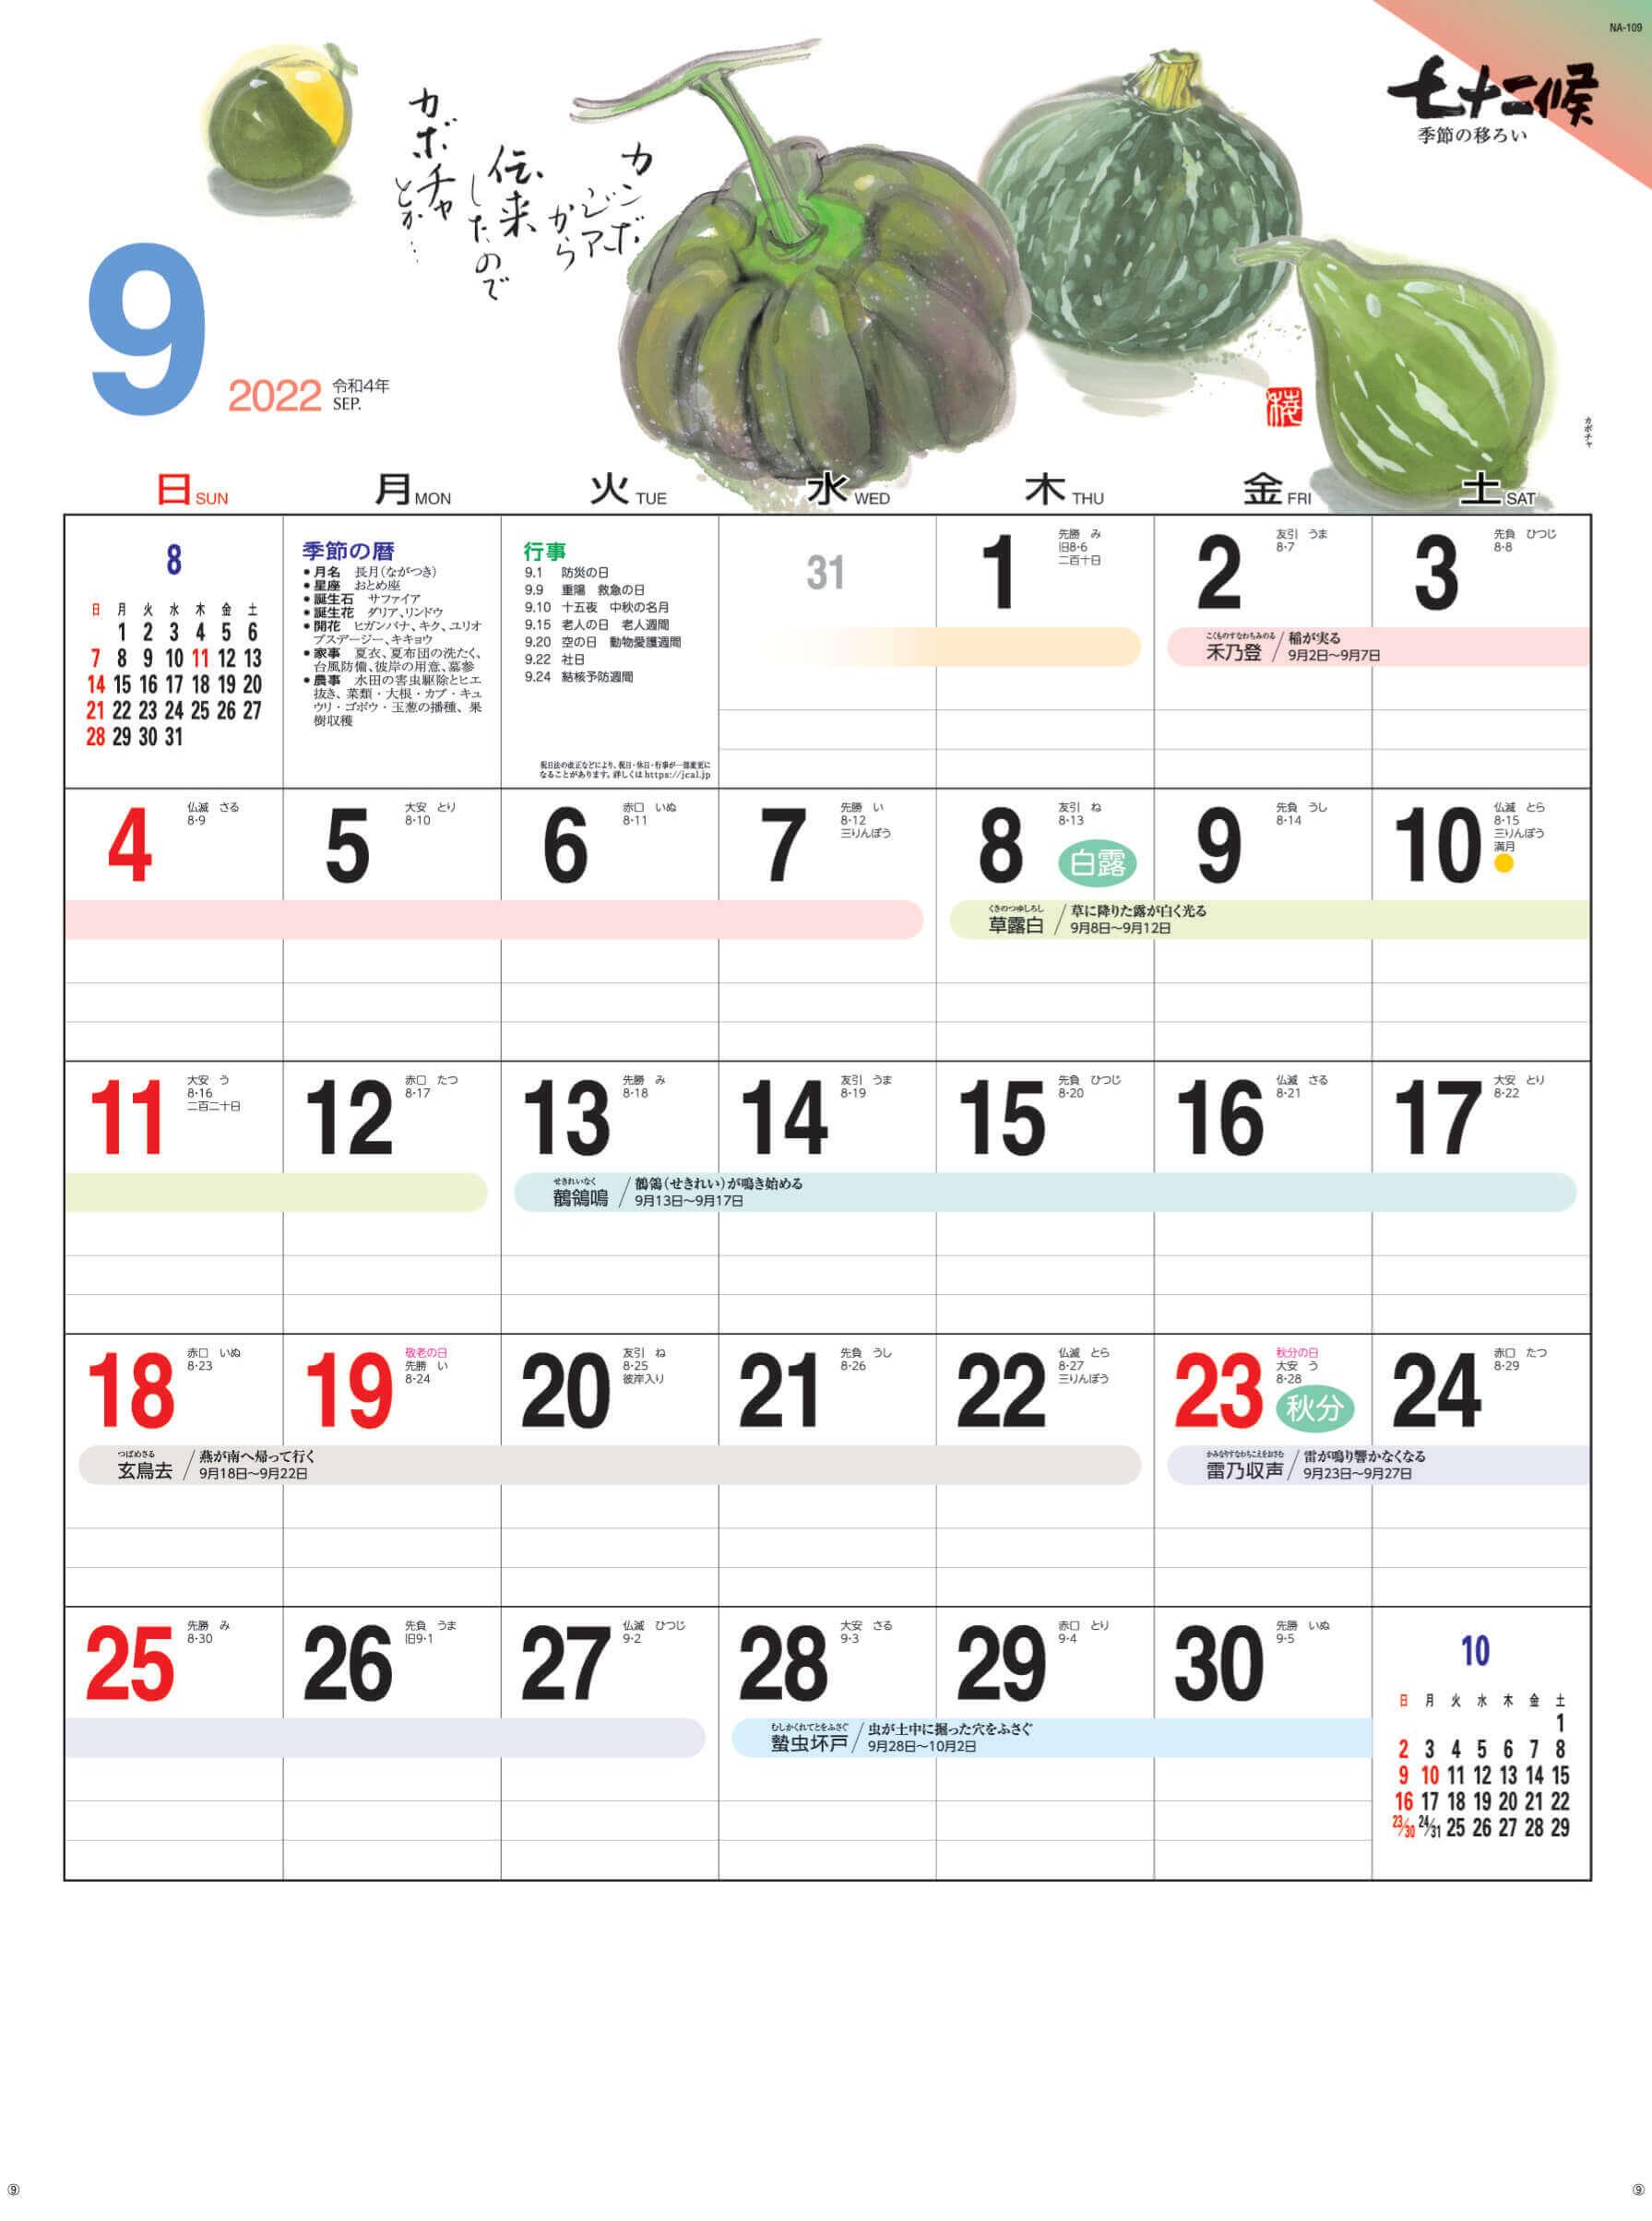 カボチャ 七十二候 2022年カレンダーの画像